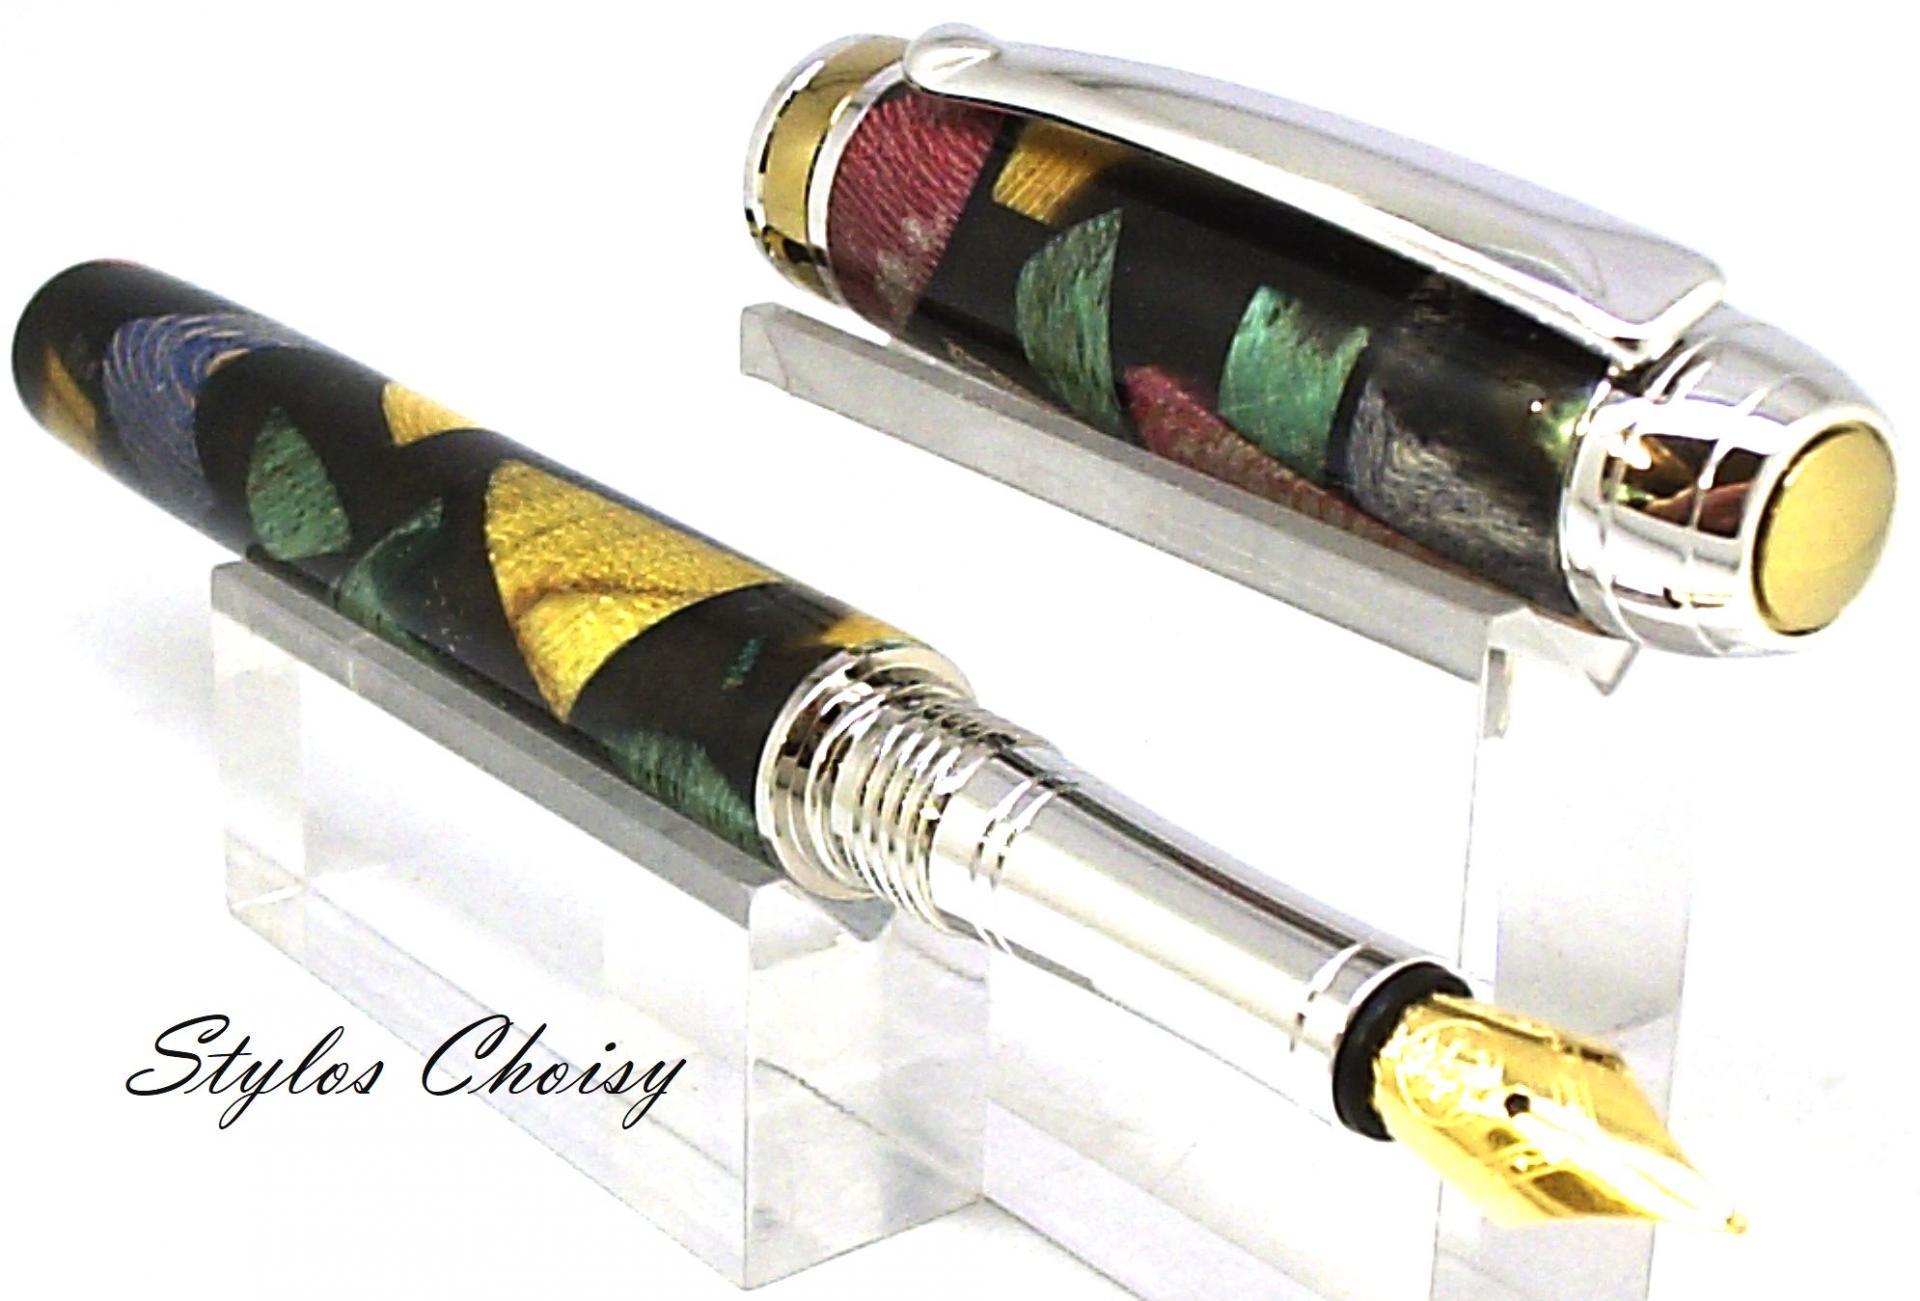 Plume serenite inclusion bois precieux dans resine noire platine et titanium 3